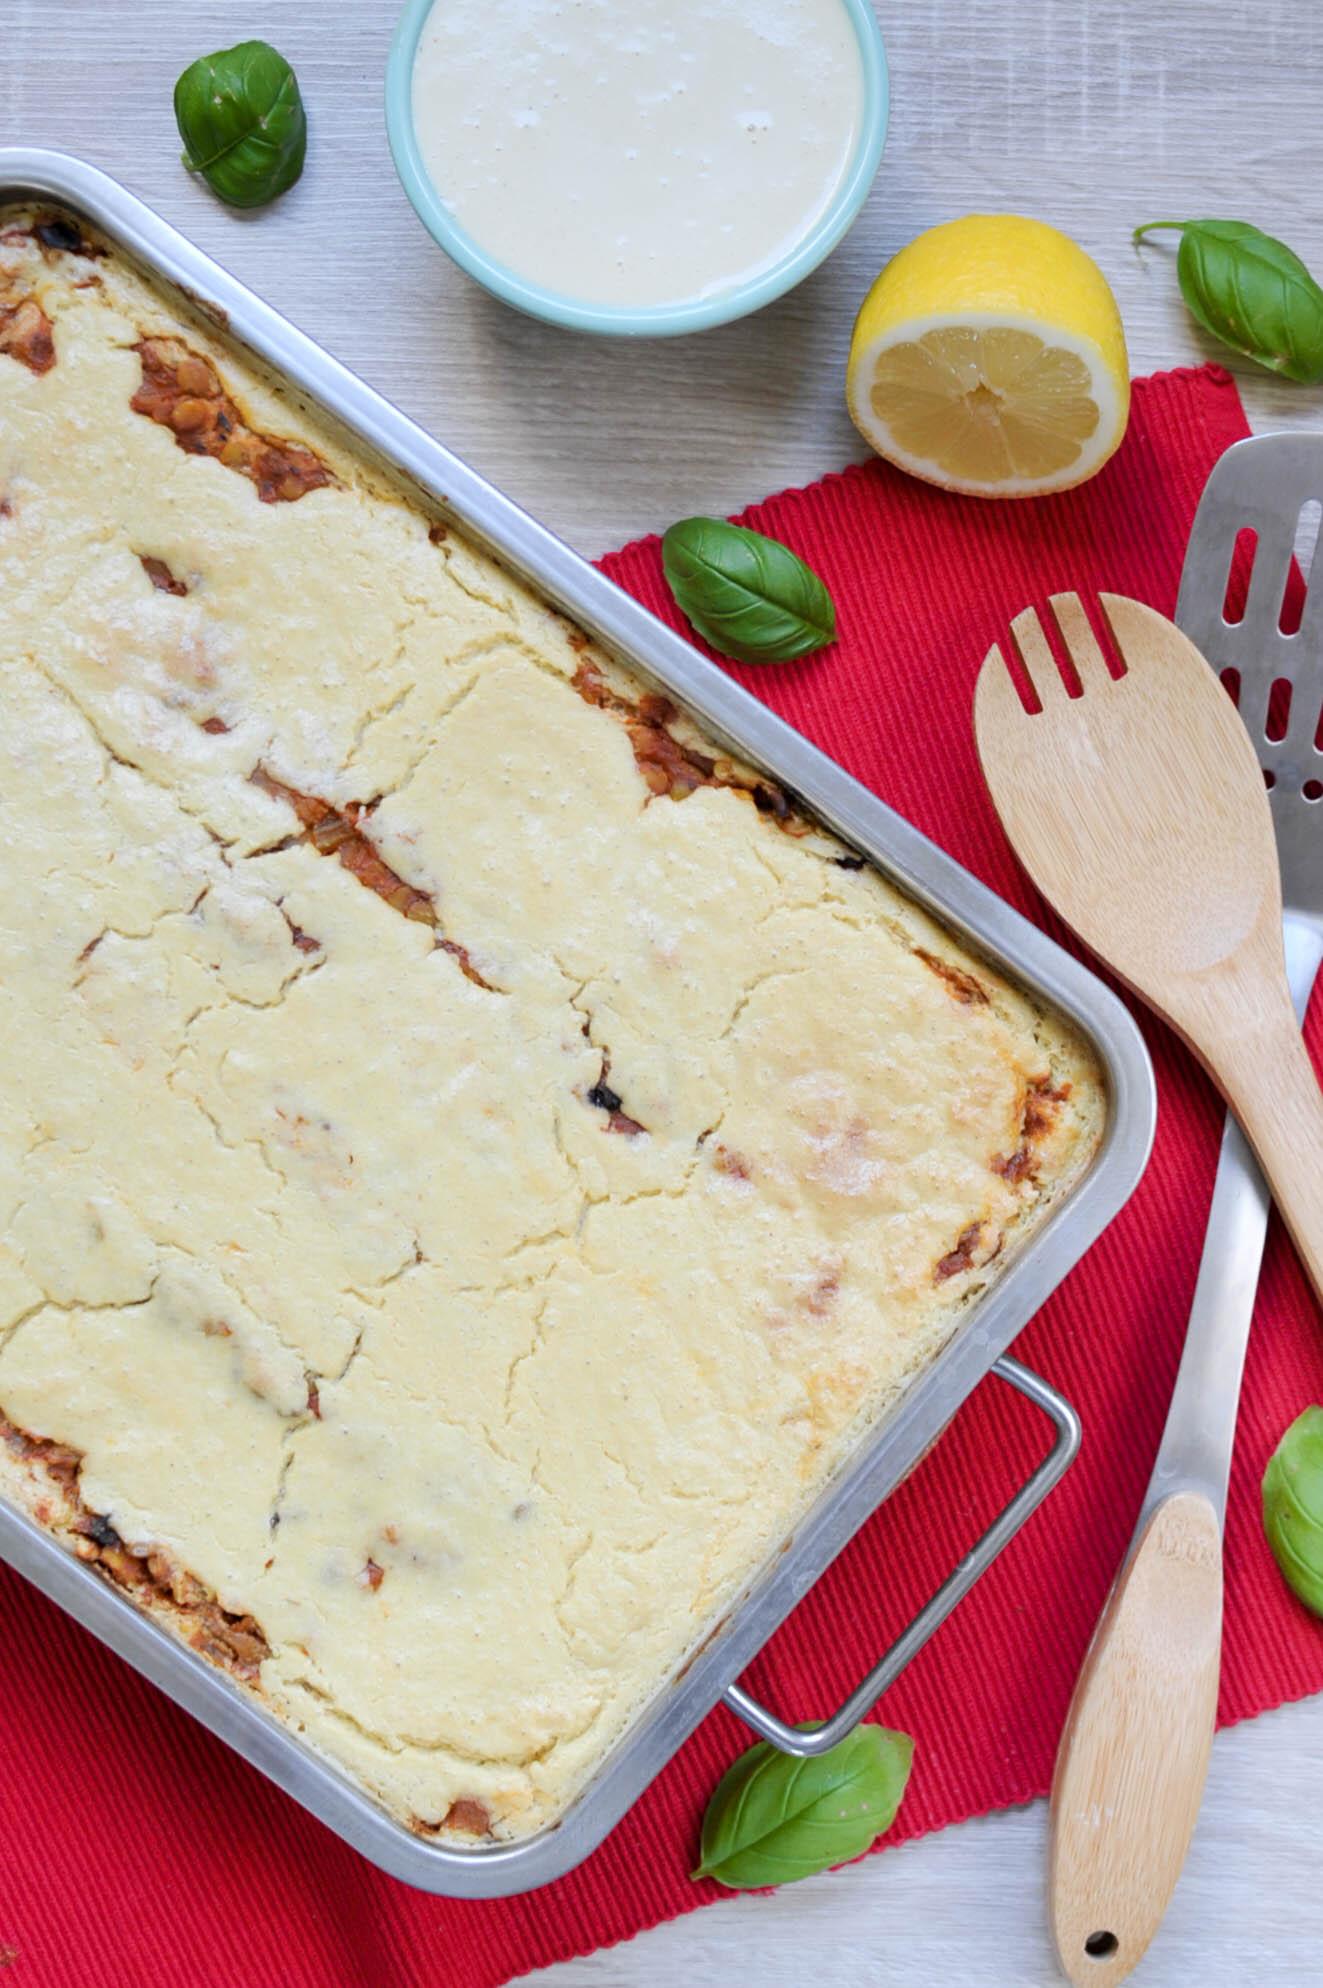 Vegan mushroom and lentil lasagna